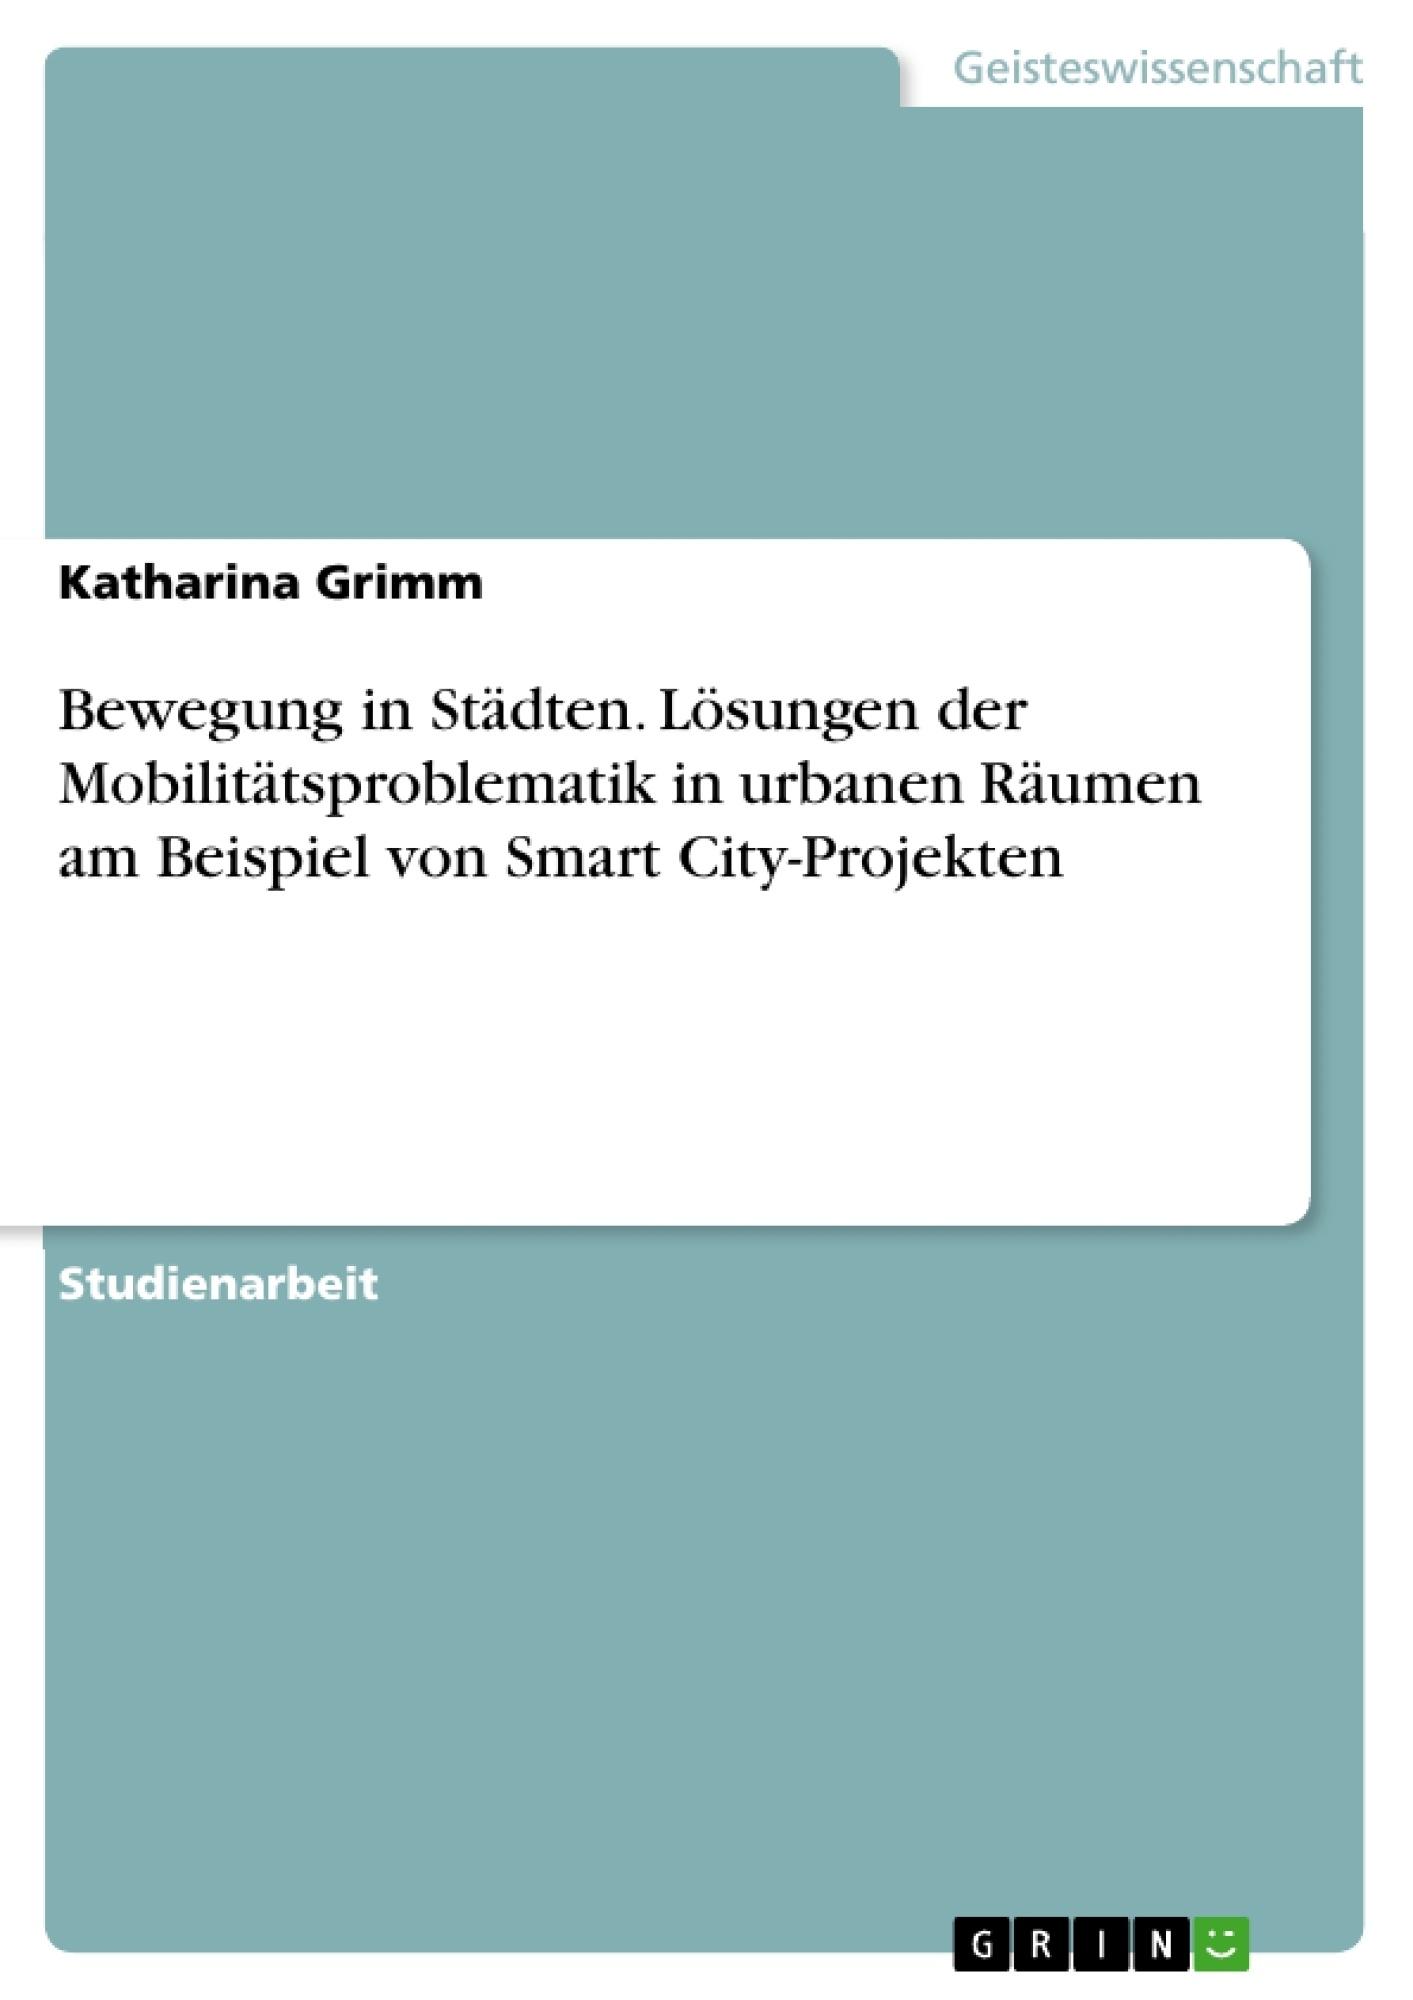 Titel: Bewegung in Städten. Lösungen der Mobilitätsproblematik in urbanen Räumen am Beispiel von Smart City-Projekten